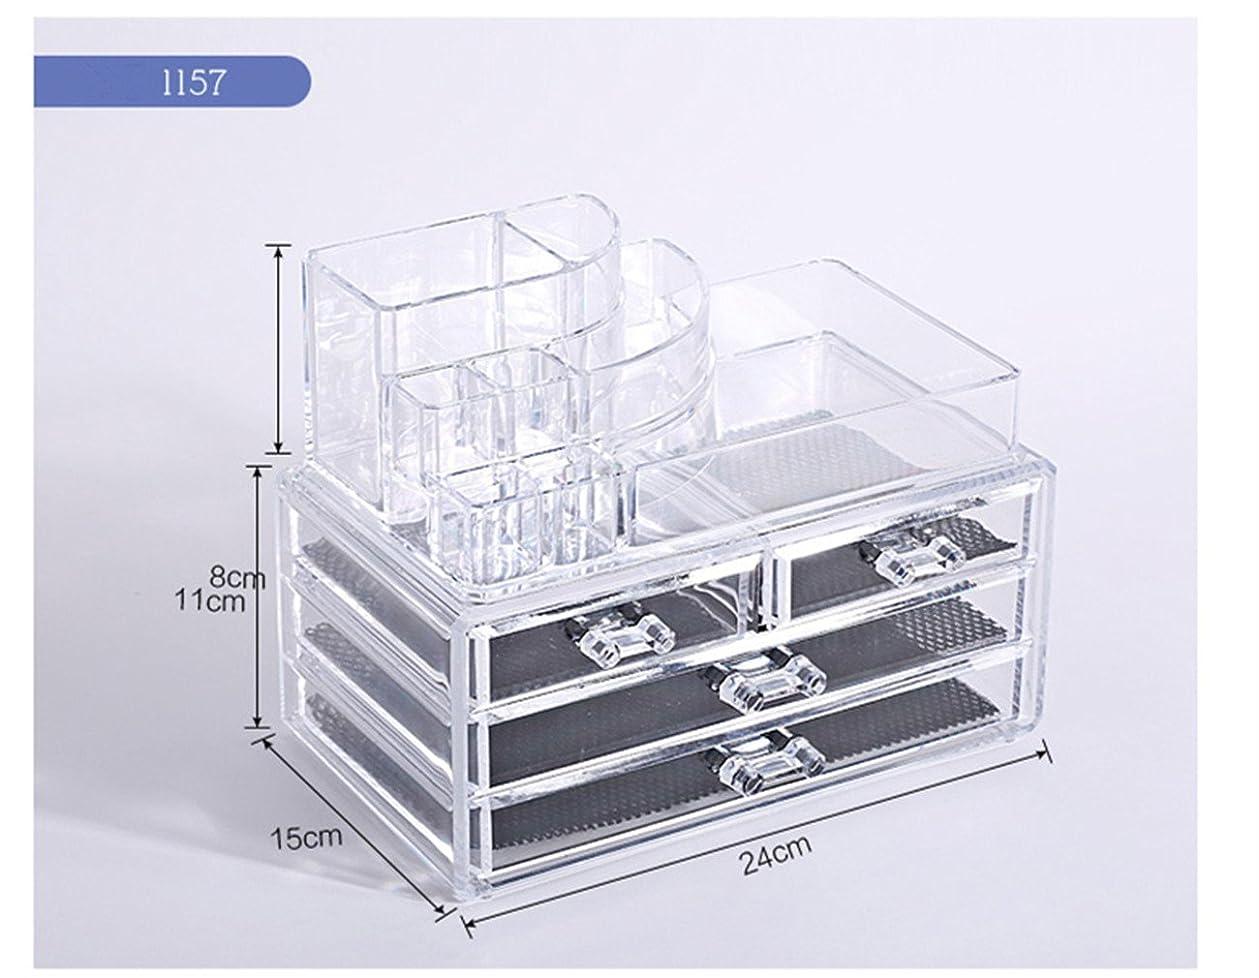 略す副産物デッキTomori(トモリ)   (トモリ)Tomori 引出しデスクトップ 化粧品 収納ボックス アクリル 透明化粧箱 メイクケース コスメ収納 クリアアクセサリー(スタイル1)